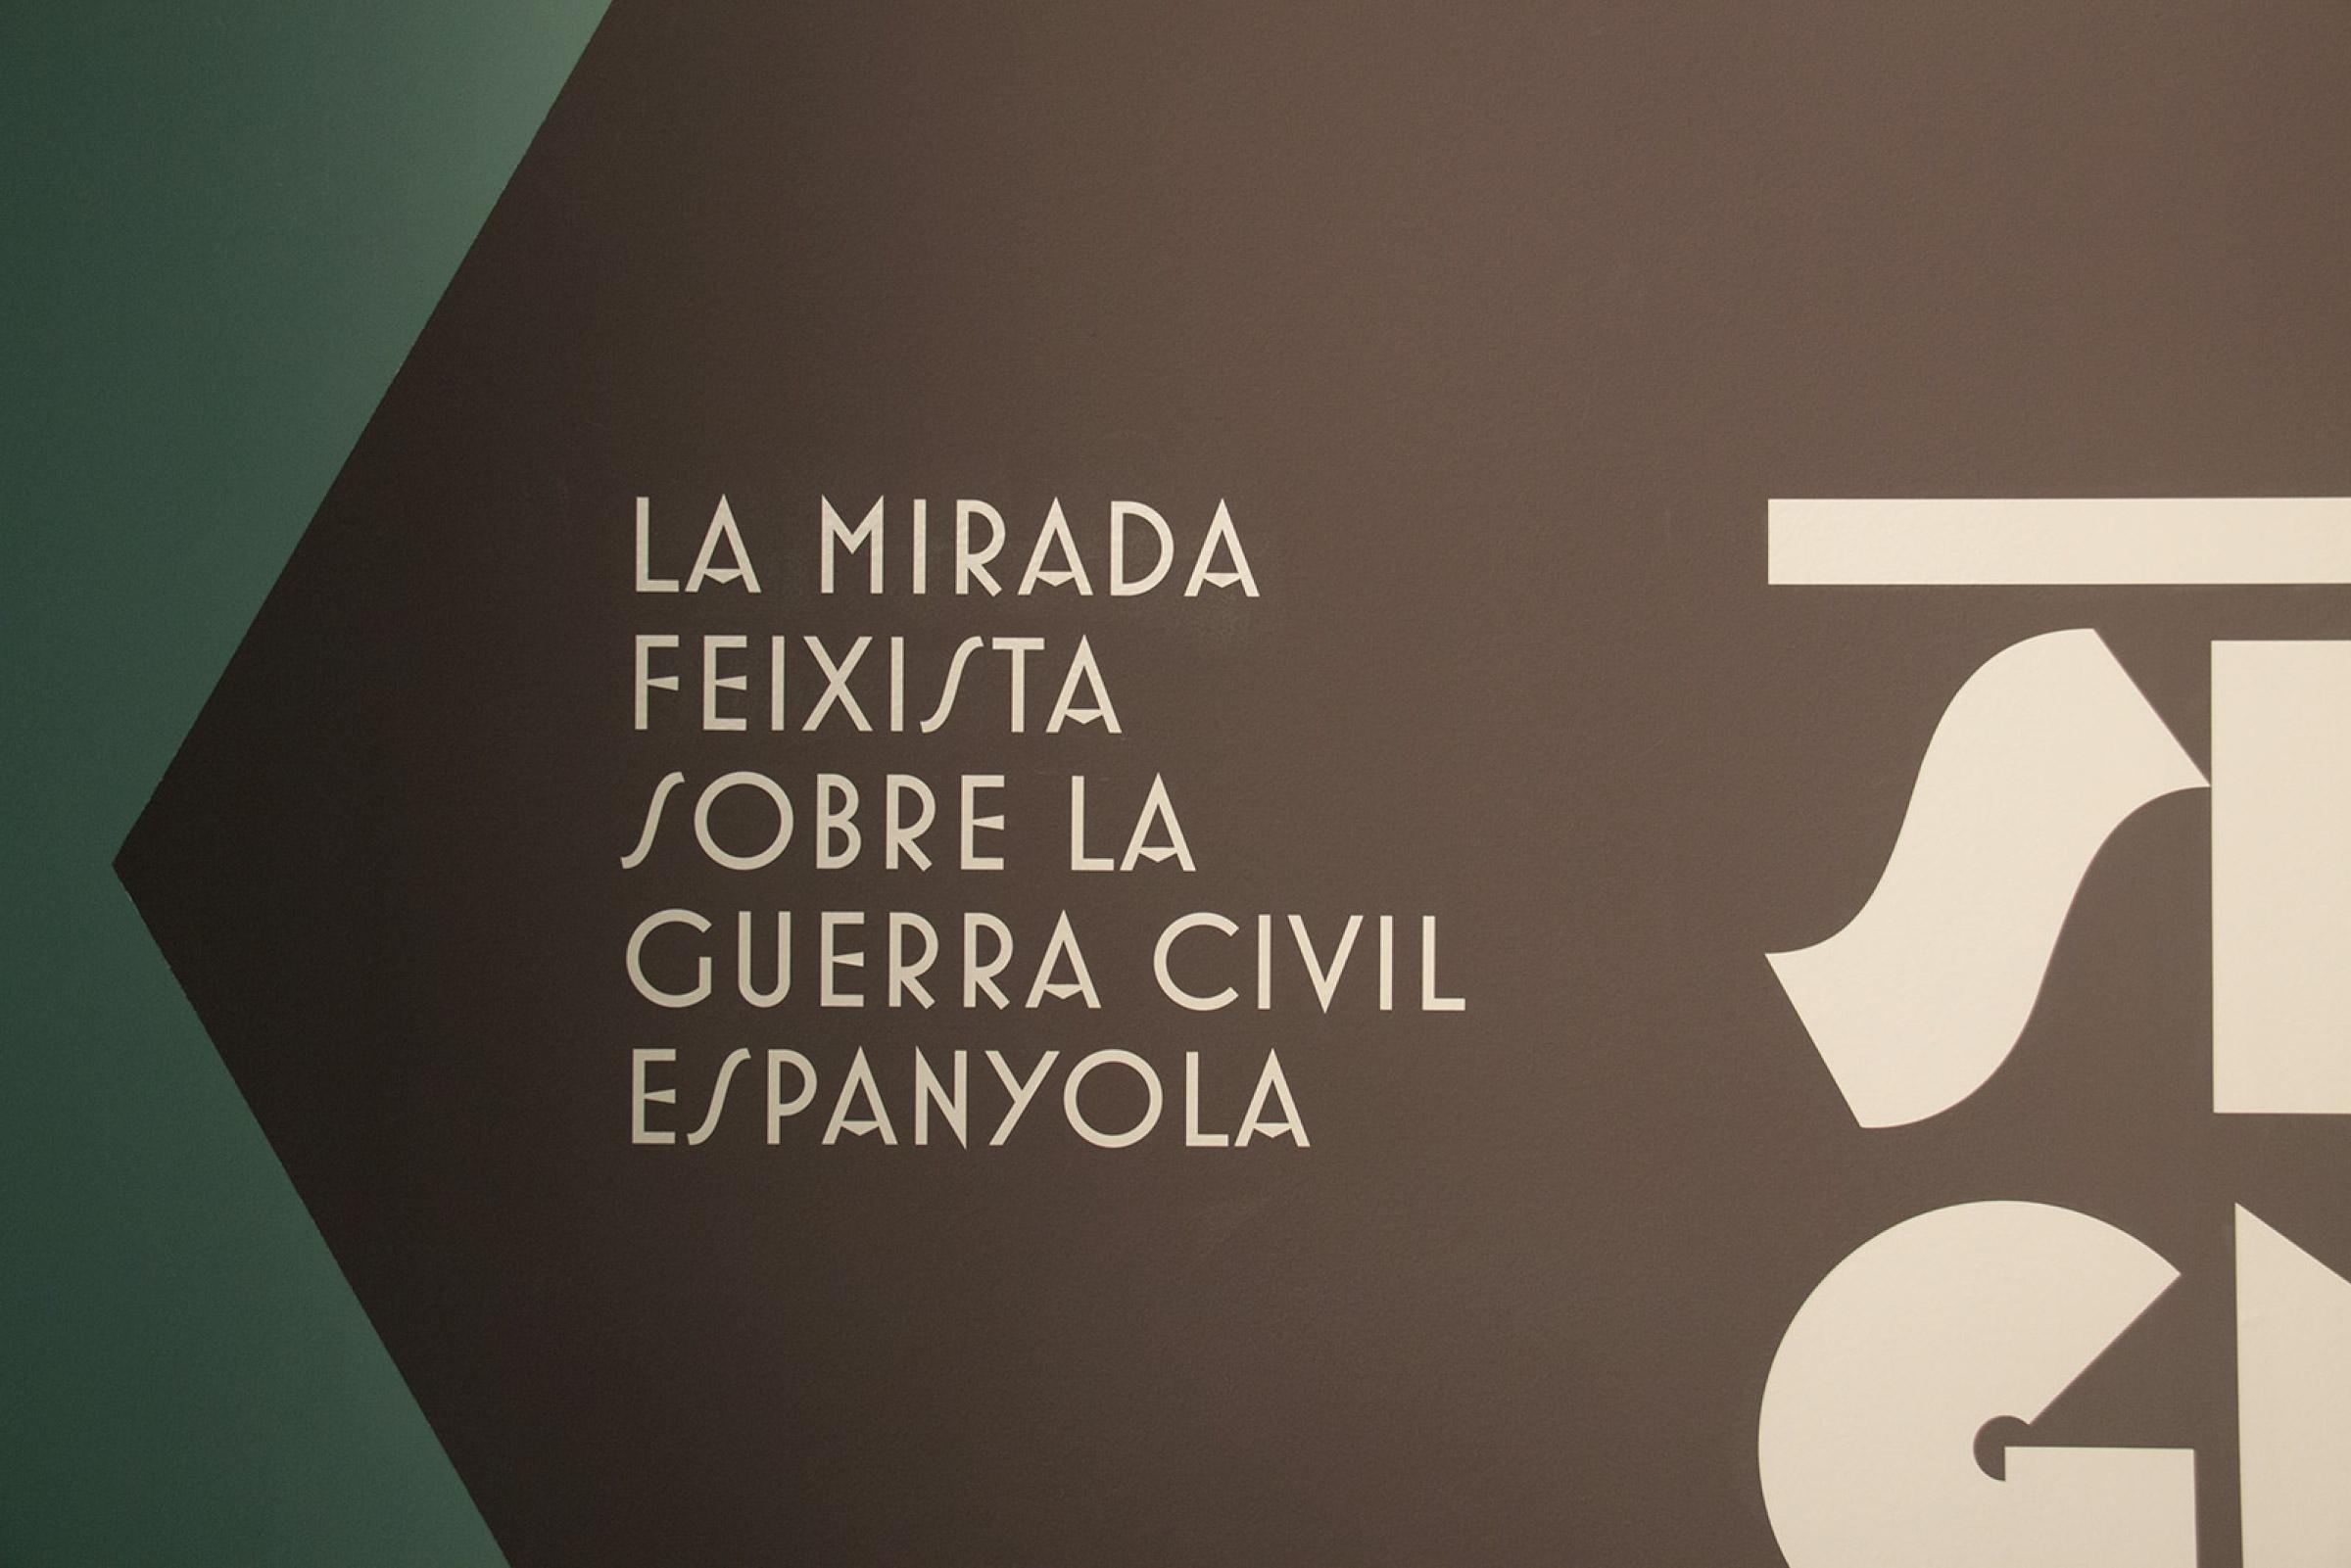 fu-la-spagna-8